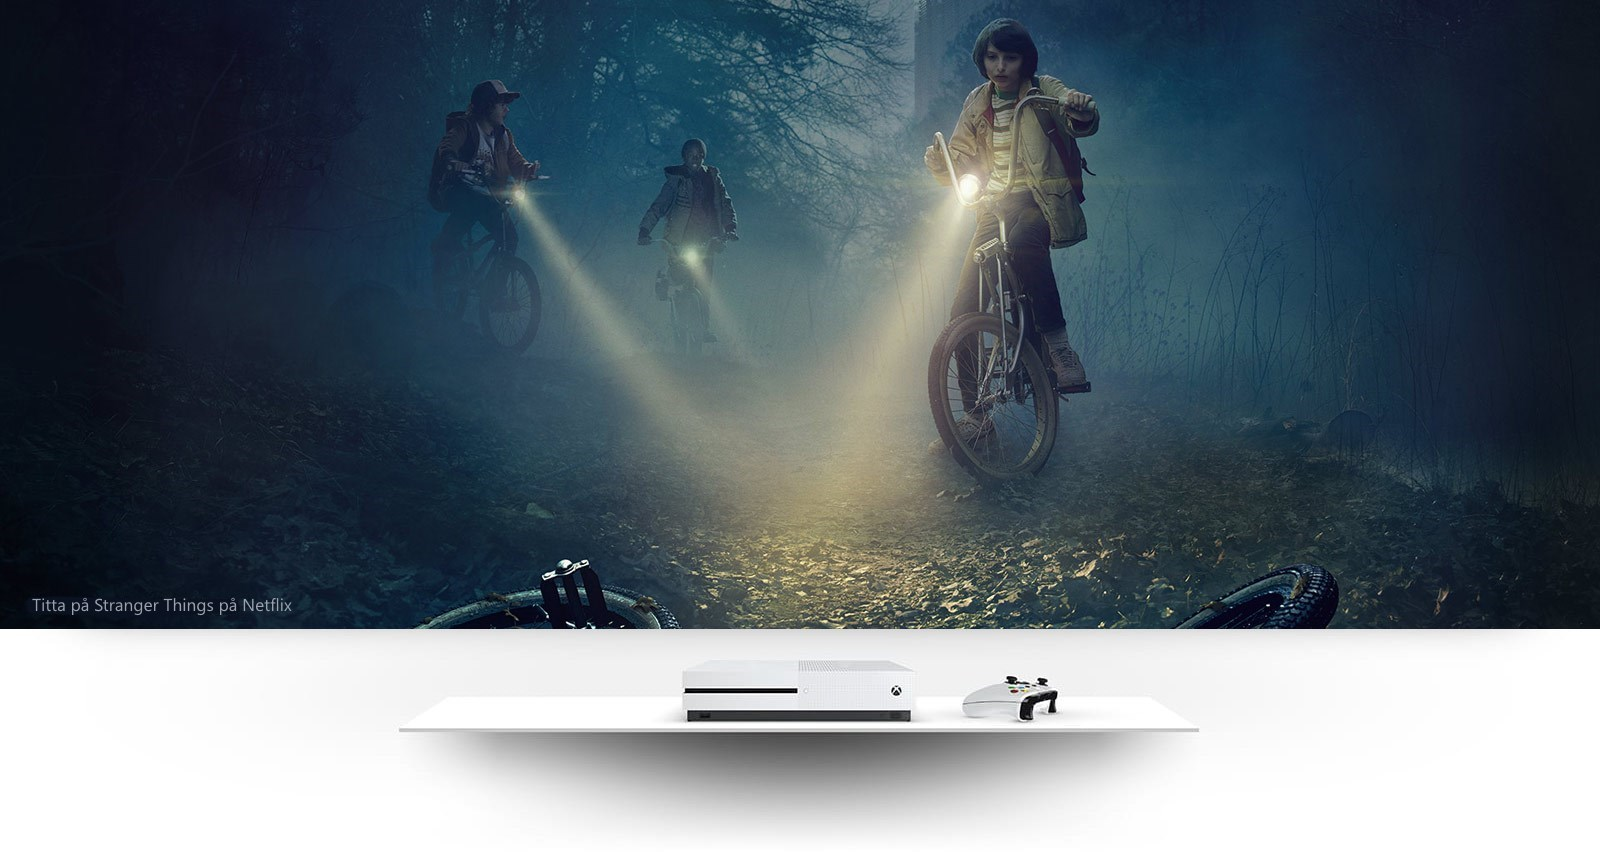 Xbox One S med en bild på barnen i Stranger Things på cyklar